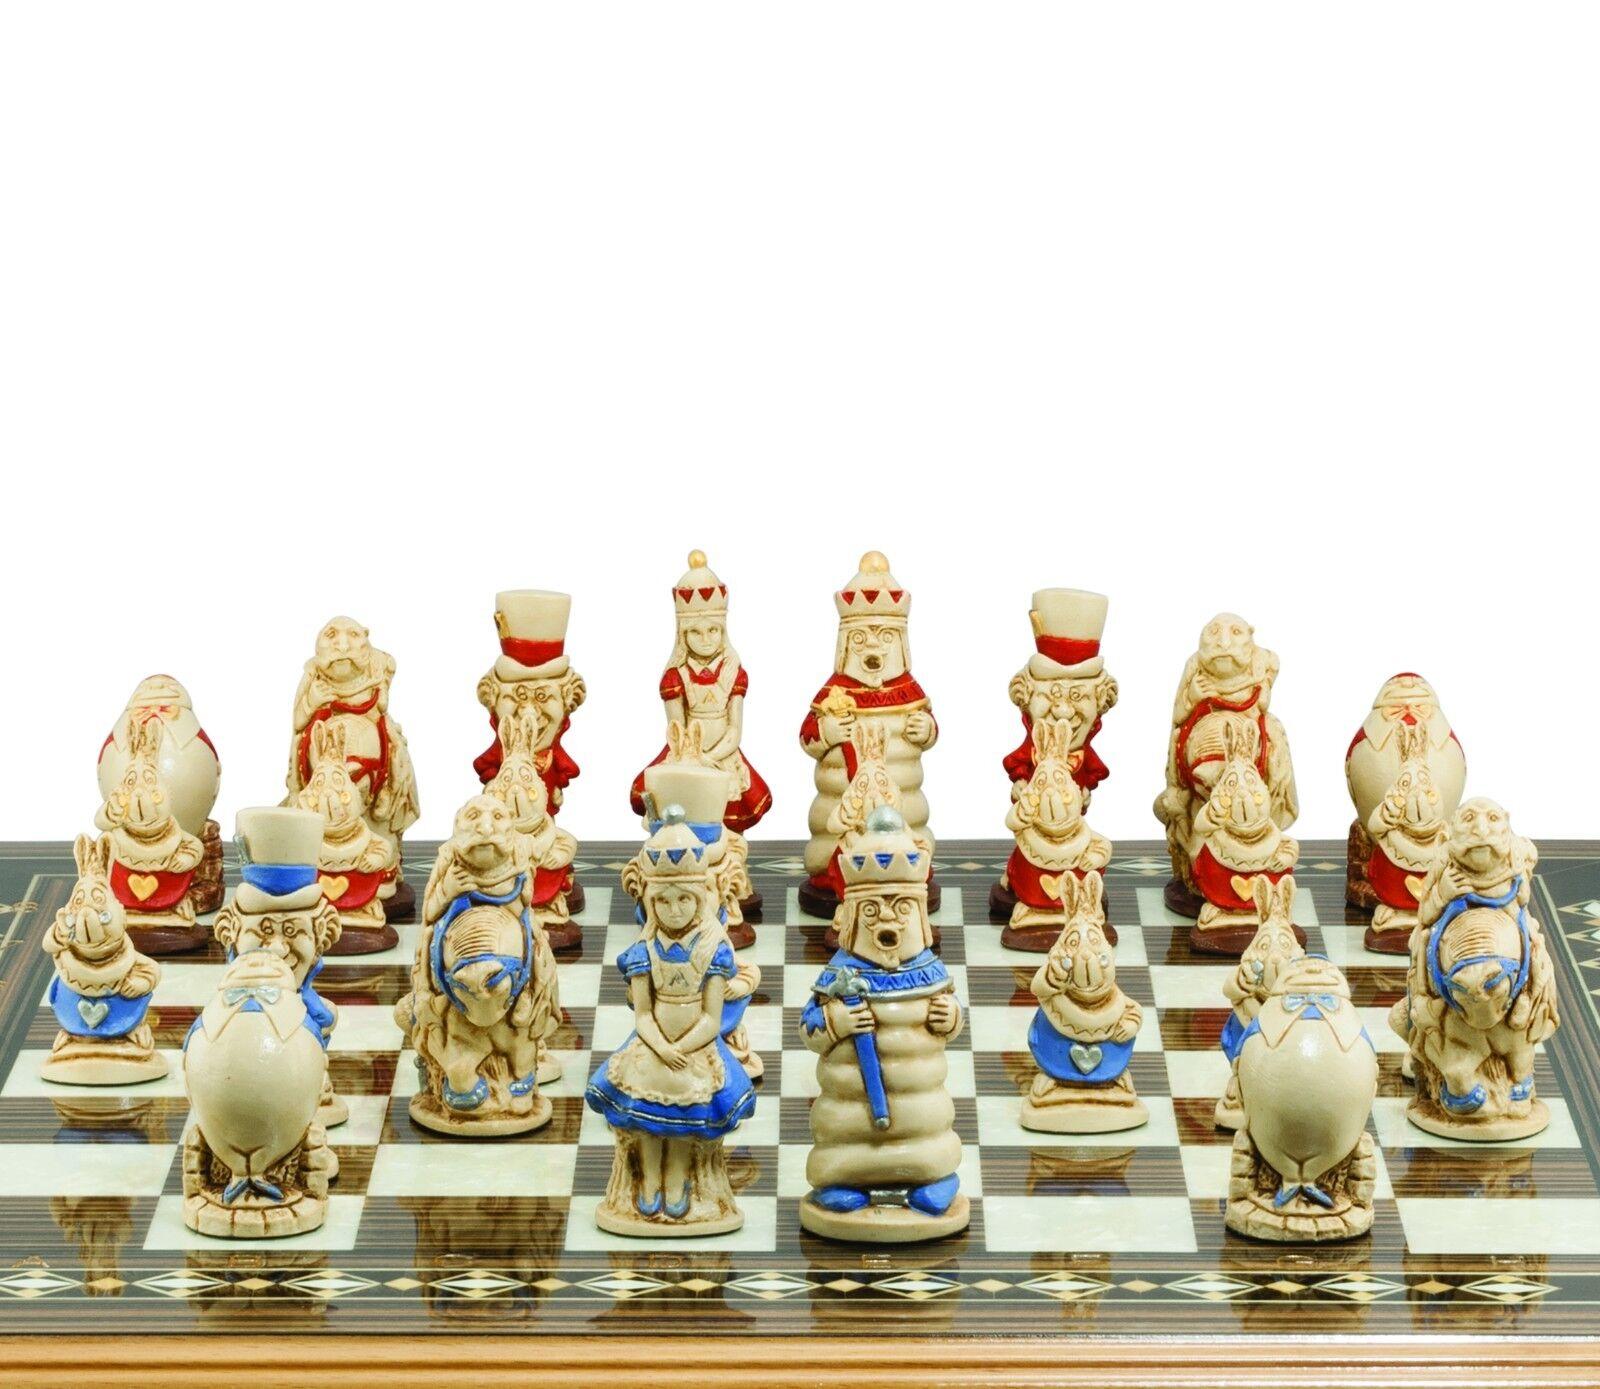 STUDIO ANNE voitureLTON Chess Alice au pays  des merveilles peinte à la main  connotation de luxe discret